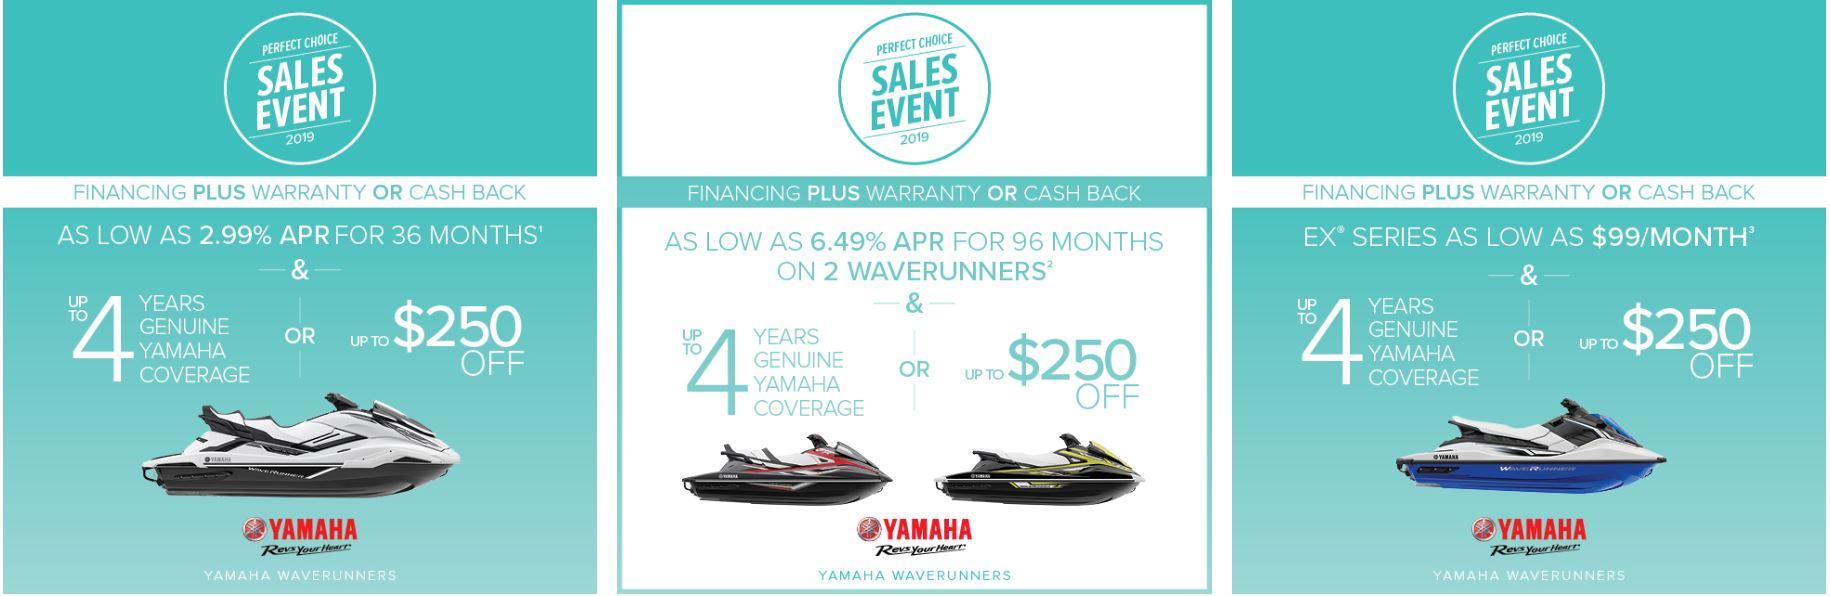 Perfect Choice Sales Event at Kawasaki Yamaha of Reno, Reno, NV 89502